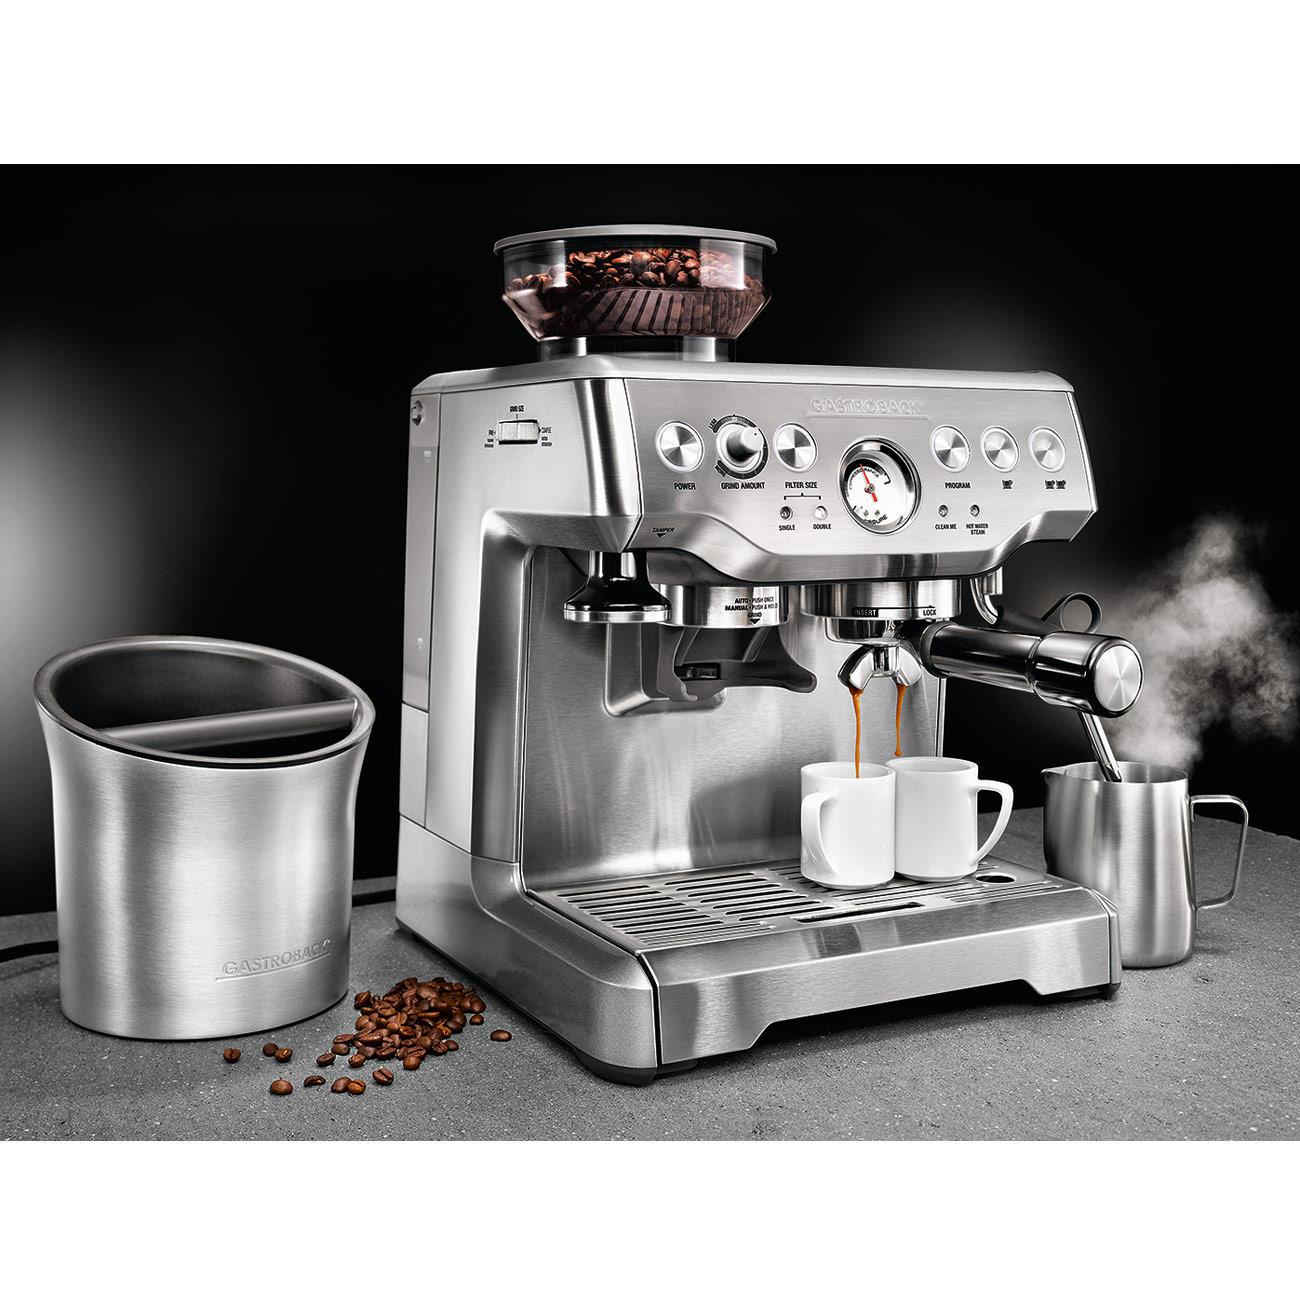 Siebträger Design Espresso Advanced Barista Edition inkl. Abklopfbehälter